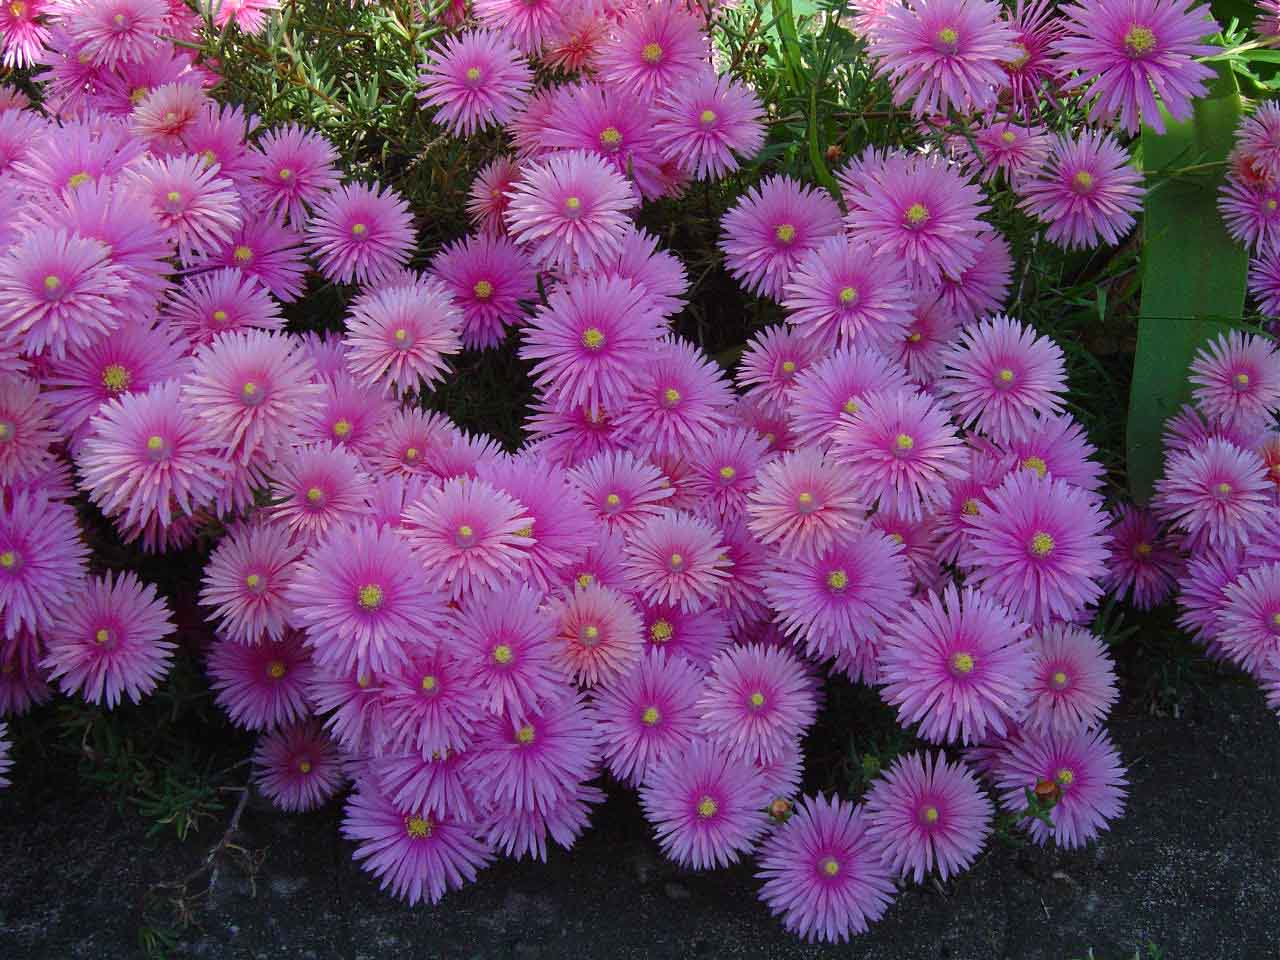 Hình ảnh hoa cúc cực đẹp